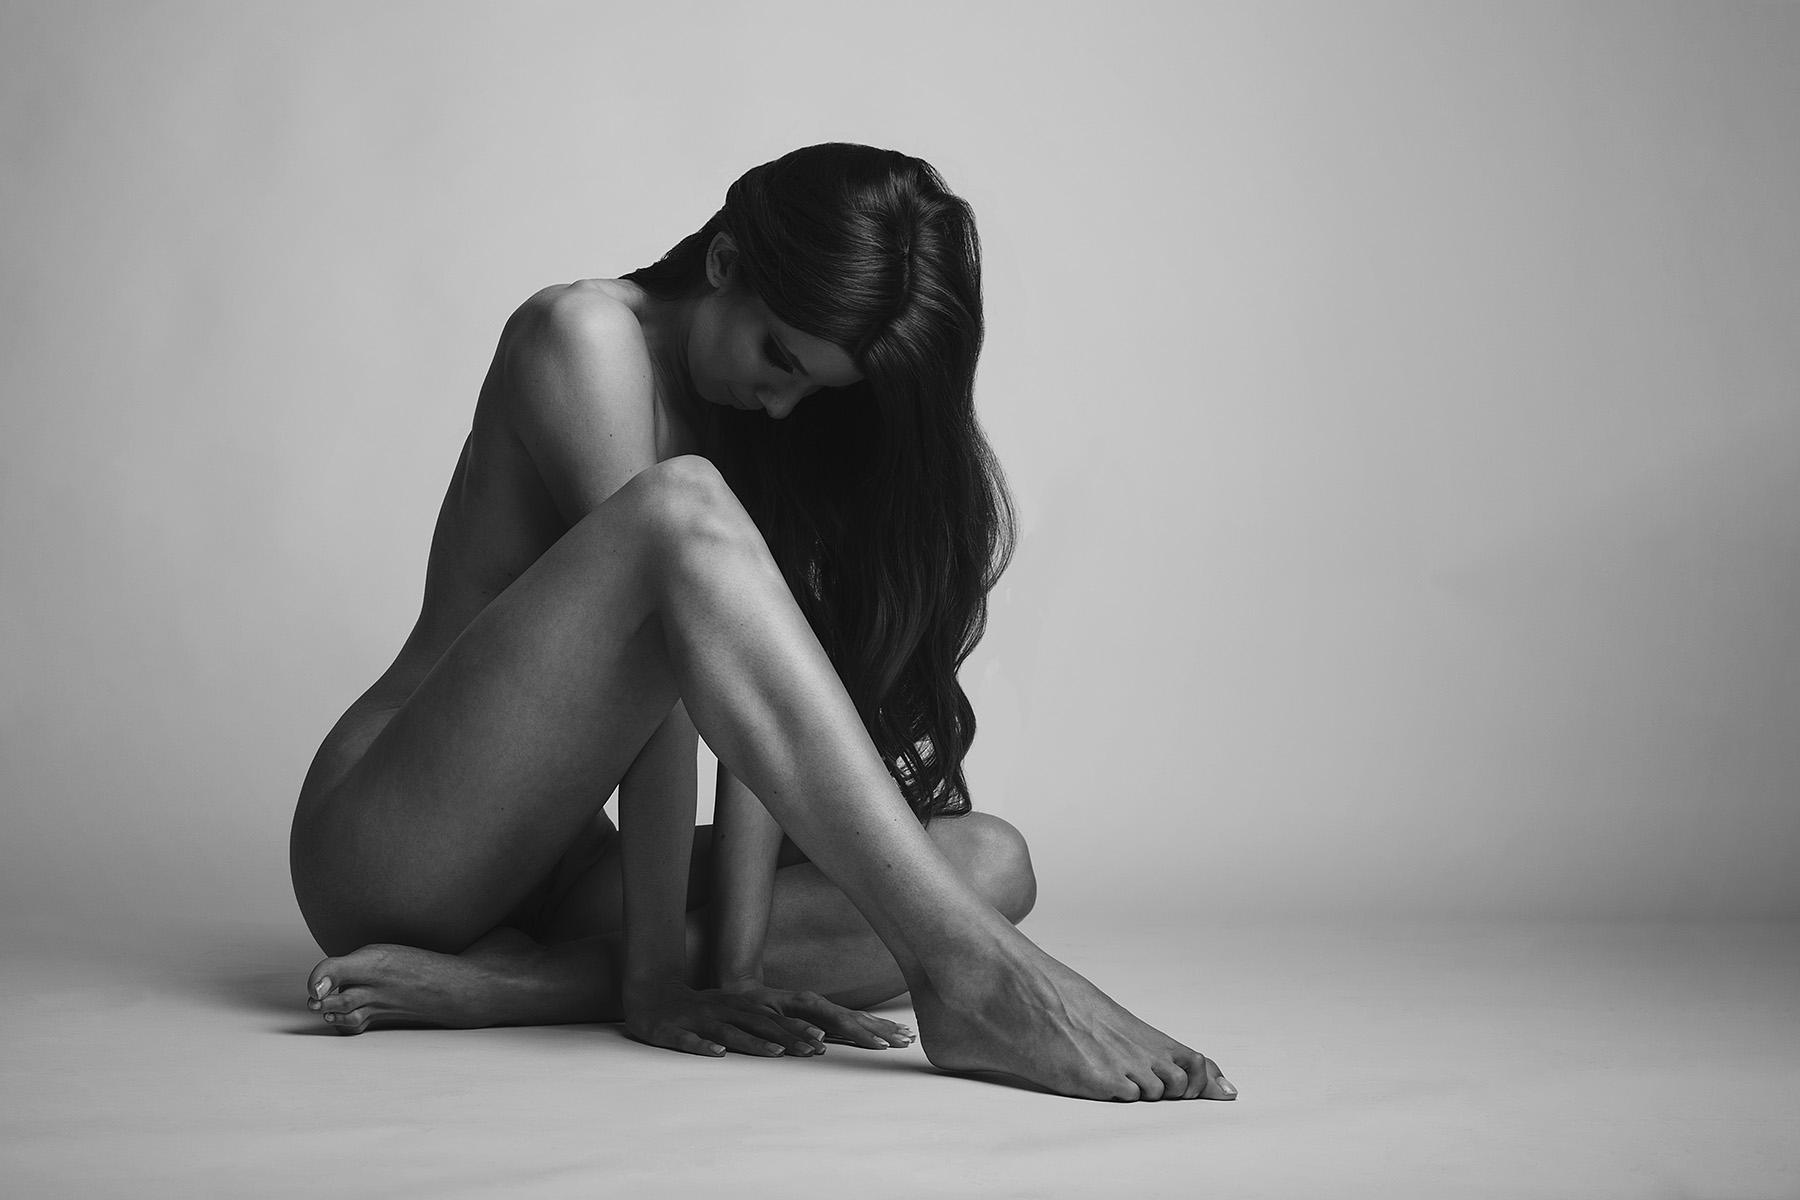 klassisch Aktfotografie Studiofotografie nackt Frau weiblich